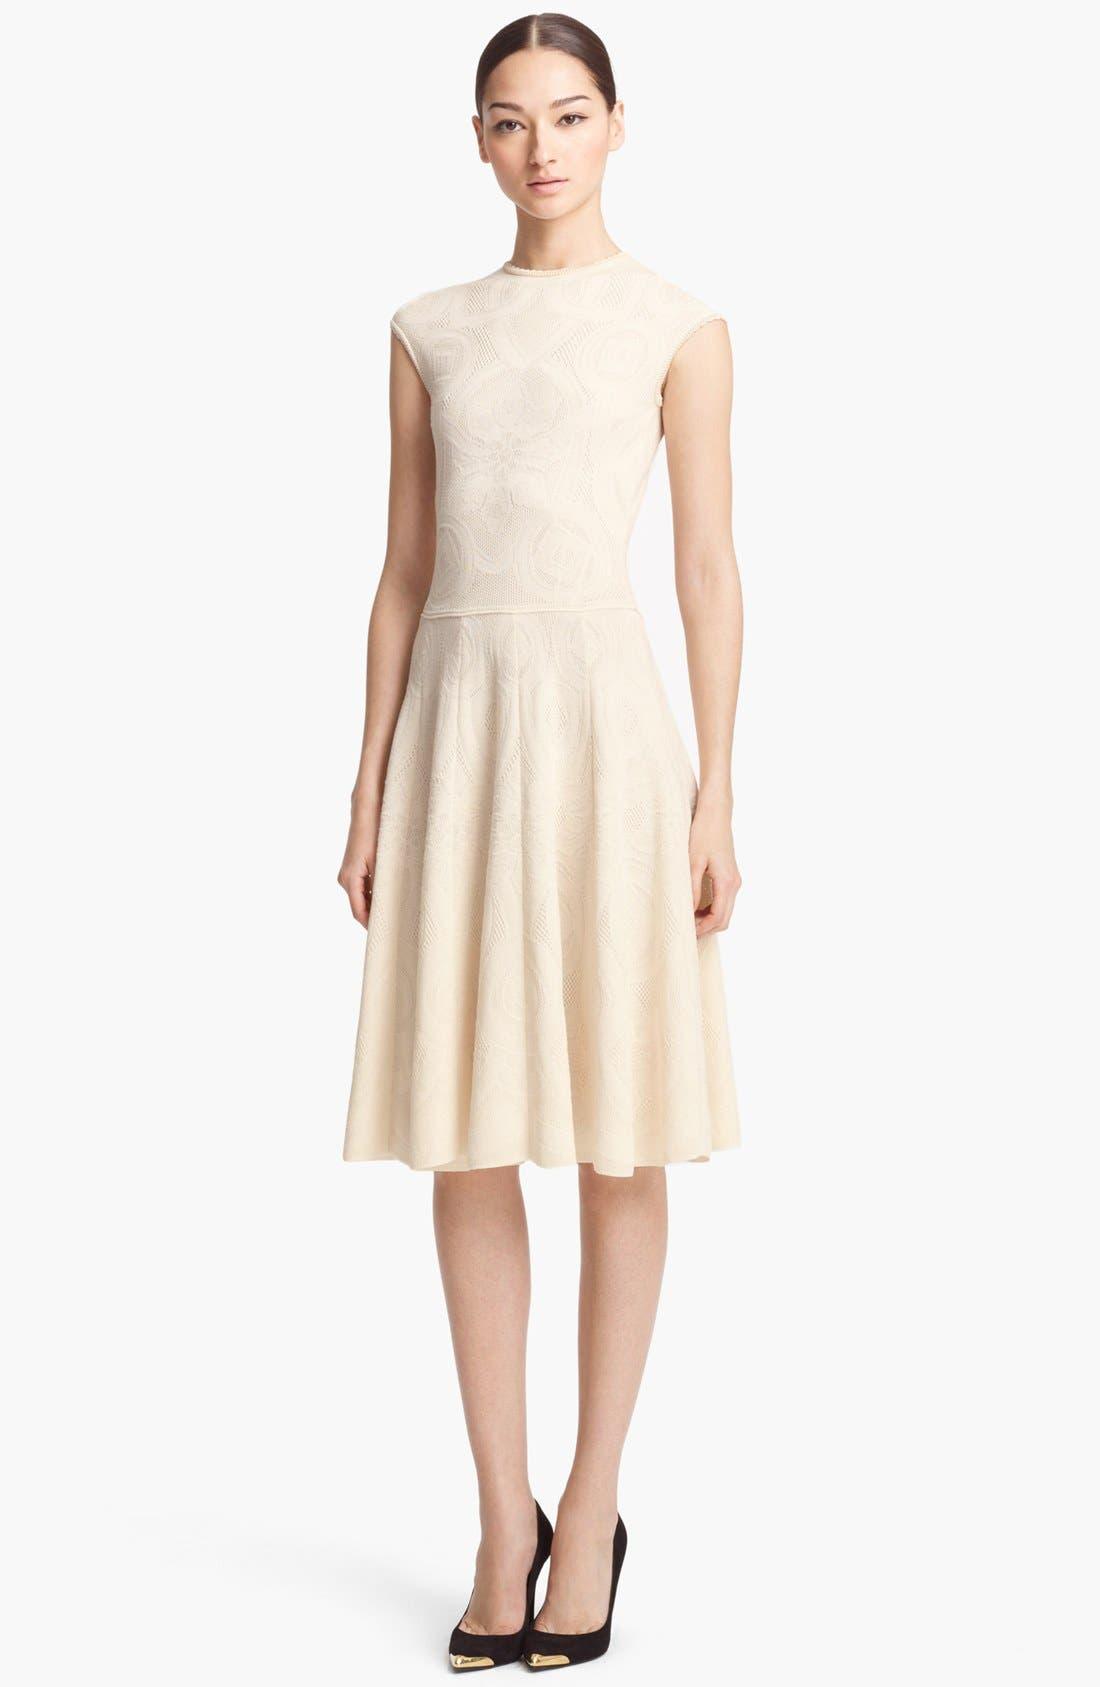 Alternate Image 1 Selected - Alexander McQueen Full Skirt Jacquard Knit Dress